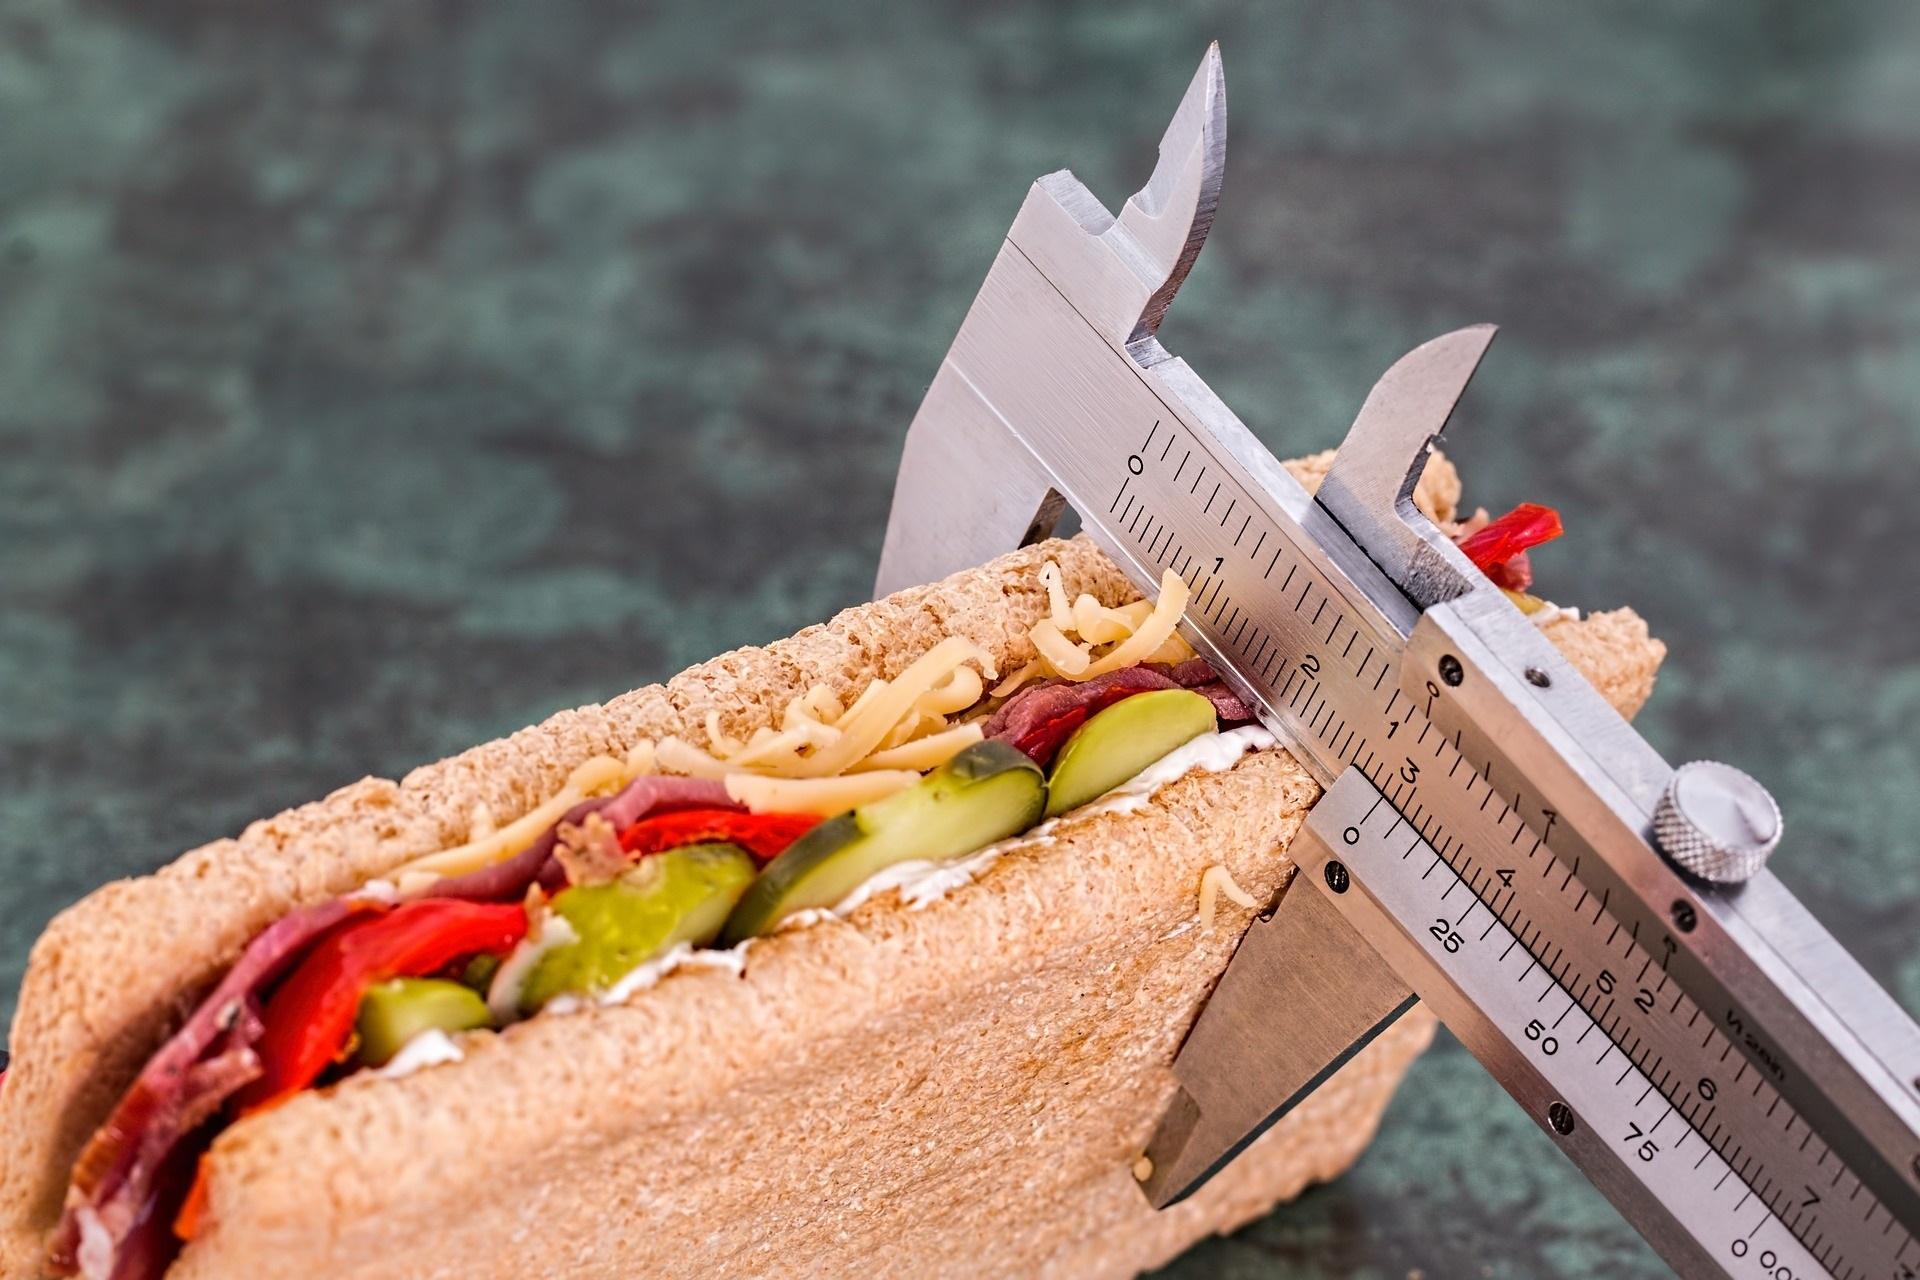 Dieta numărul 1 în lume a fost creată de un cardiolog! Meniu pe 7 zile pentru a slăbi în timp record